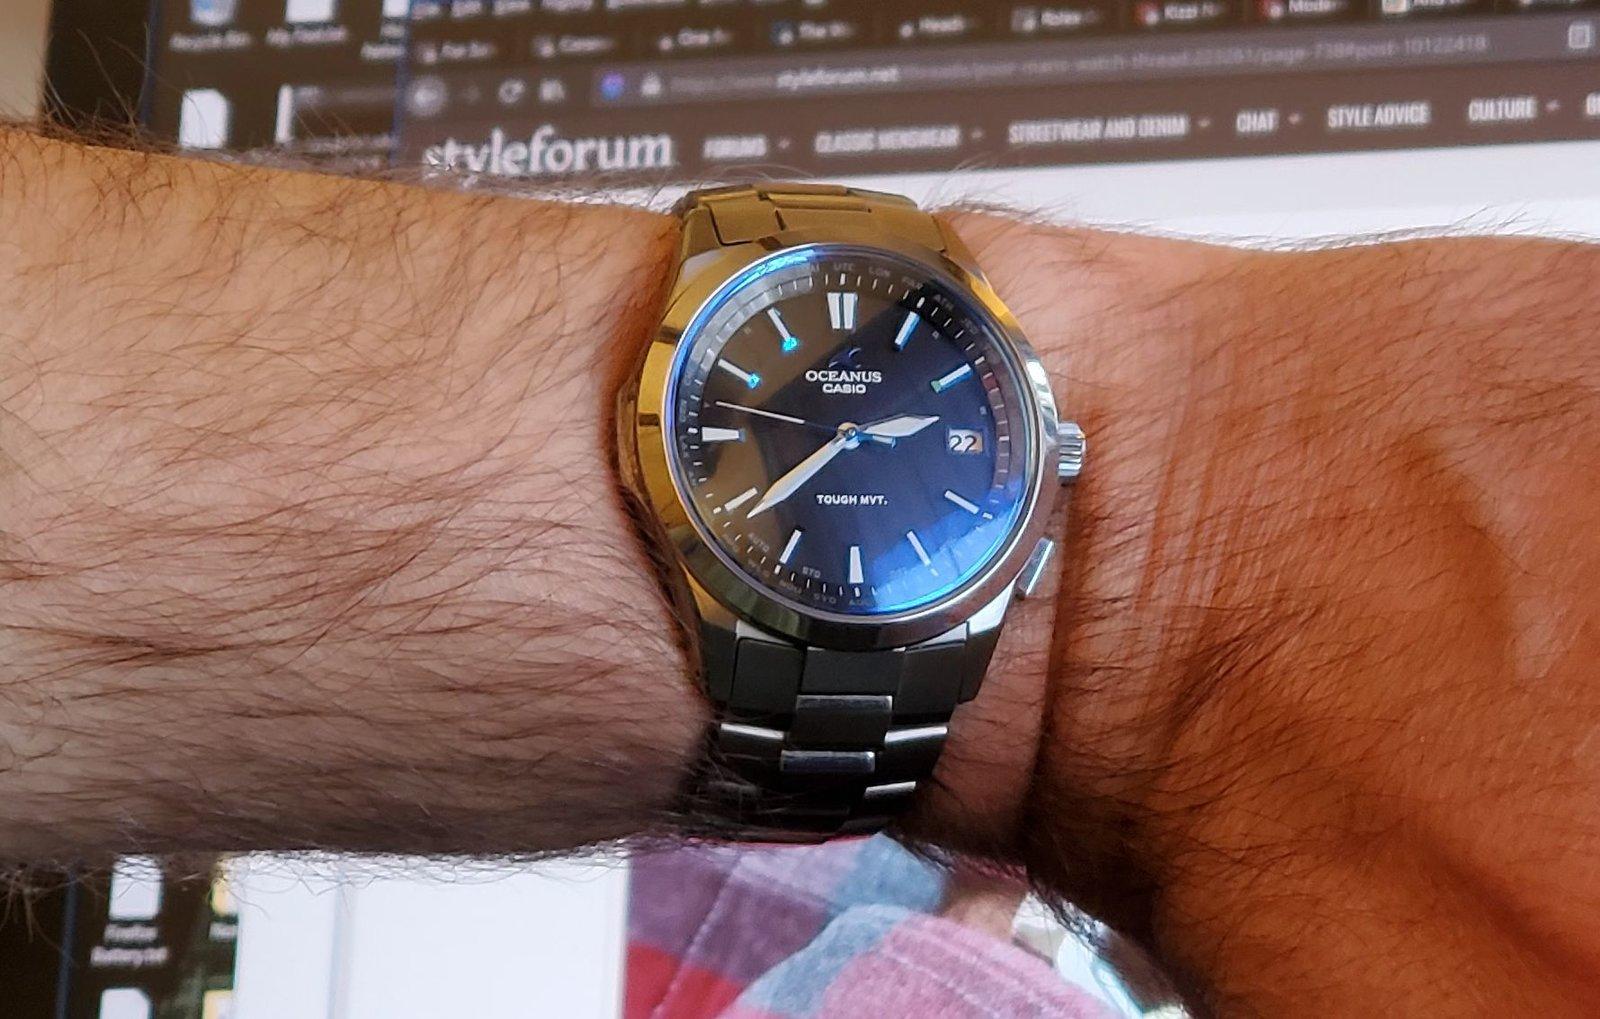 Casio_Oceanus_OCW-S100.jpg